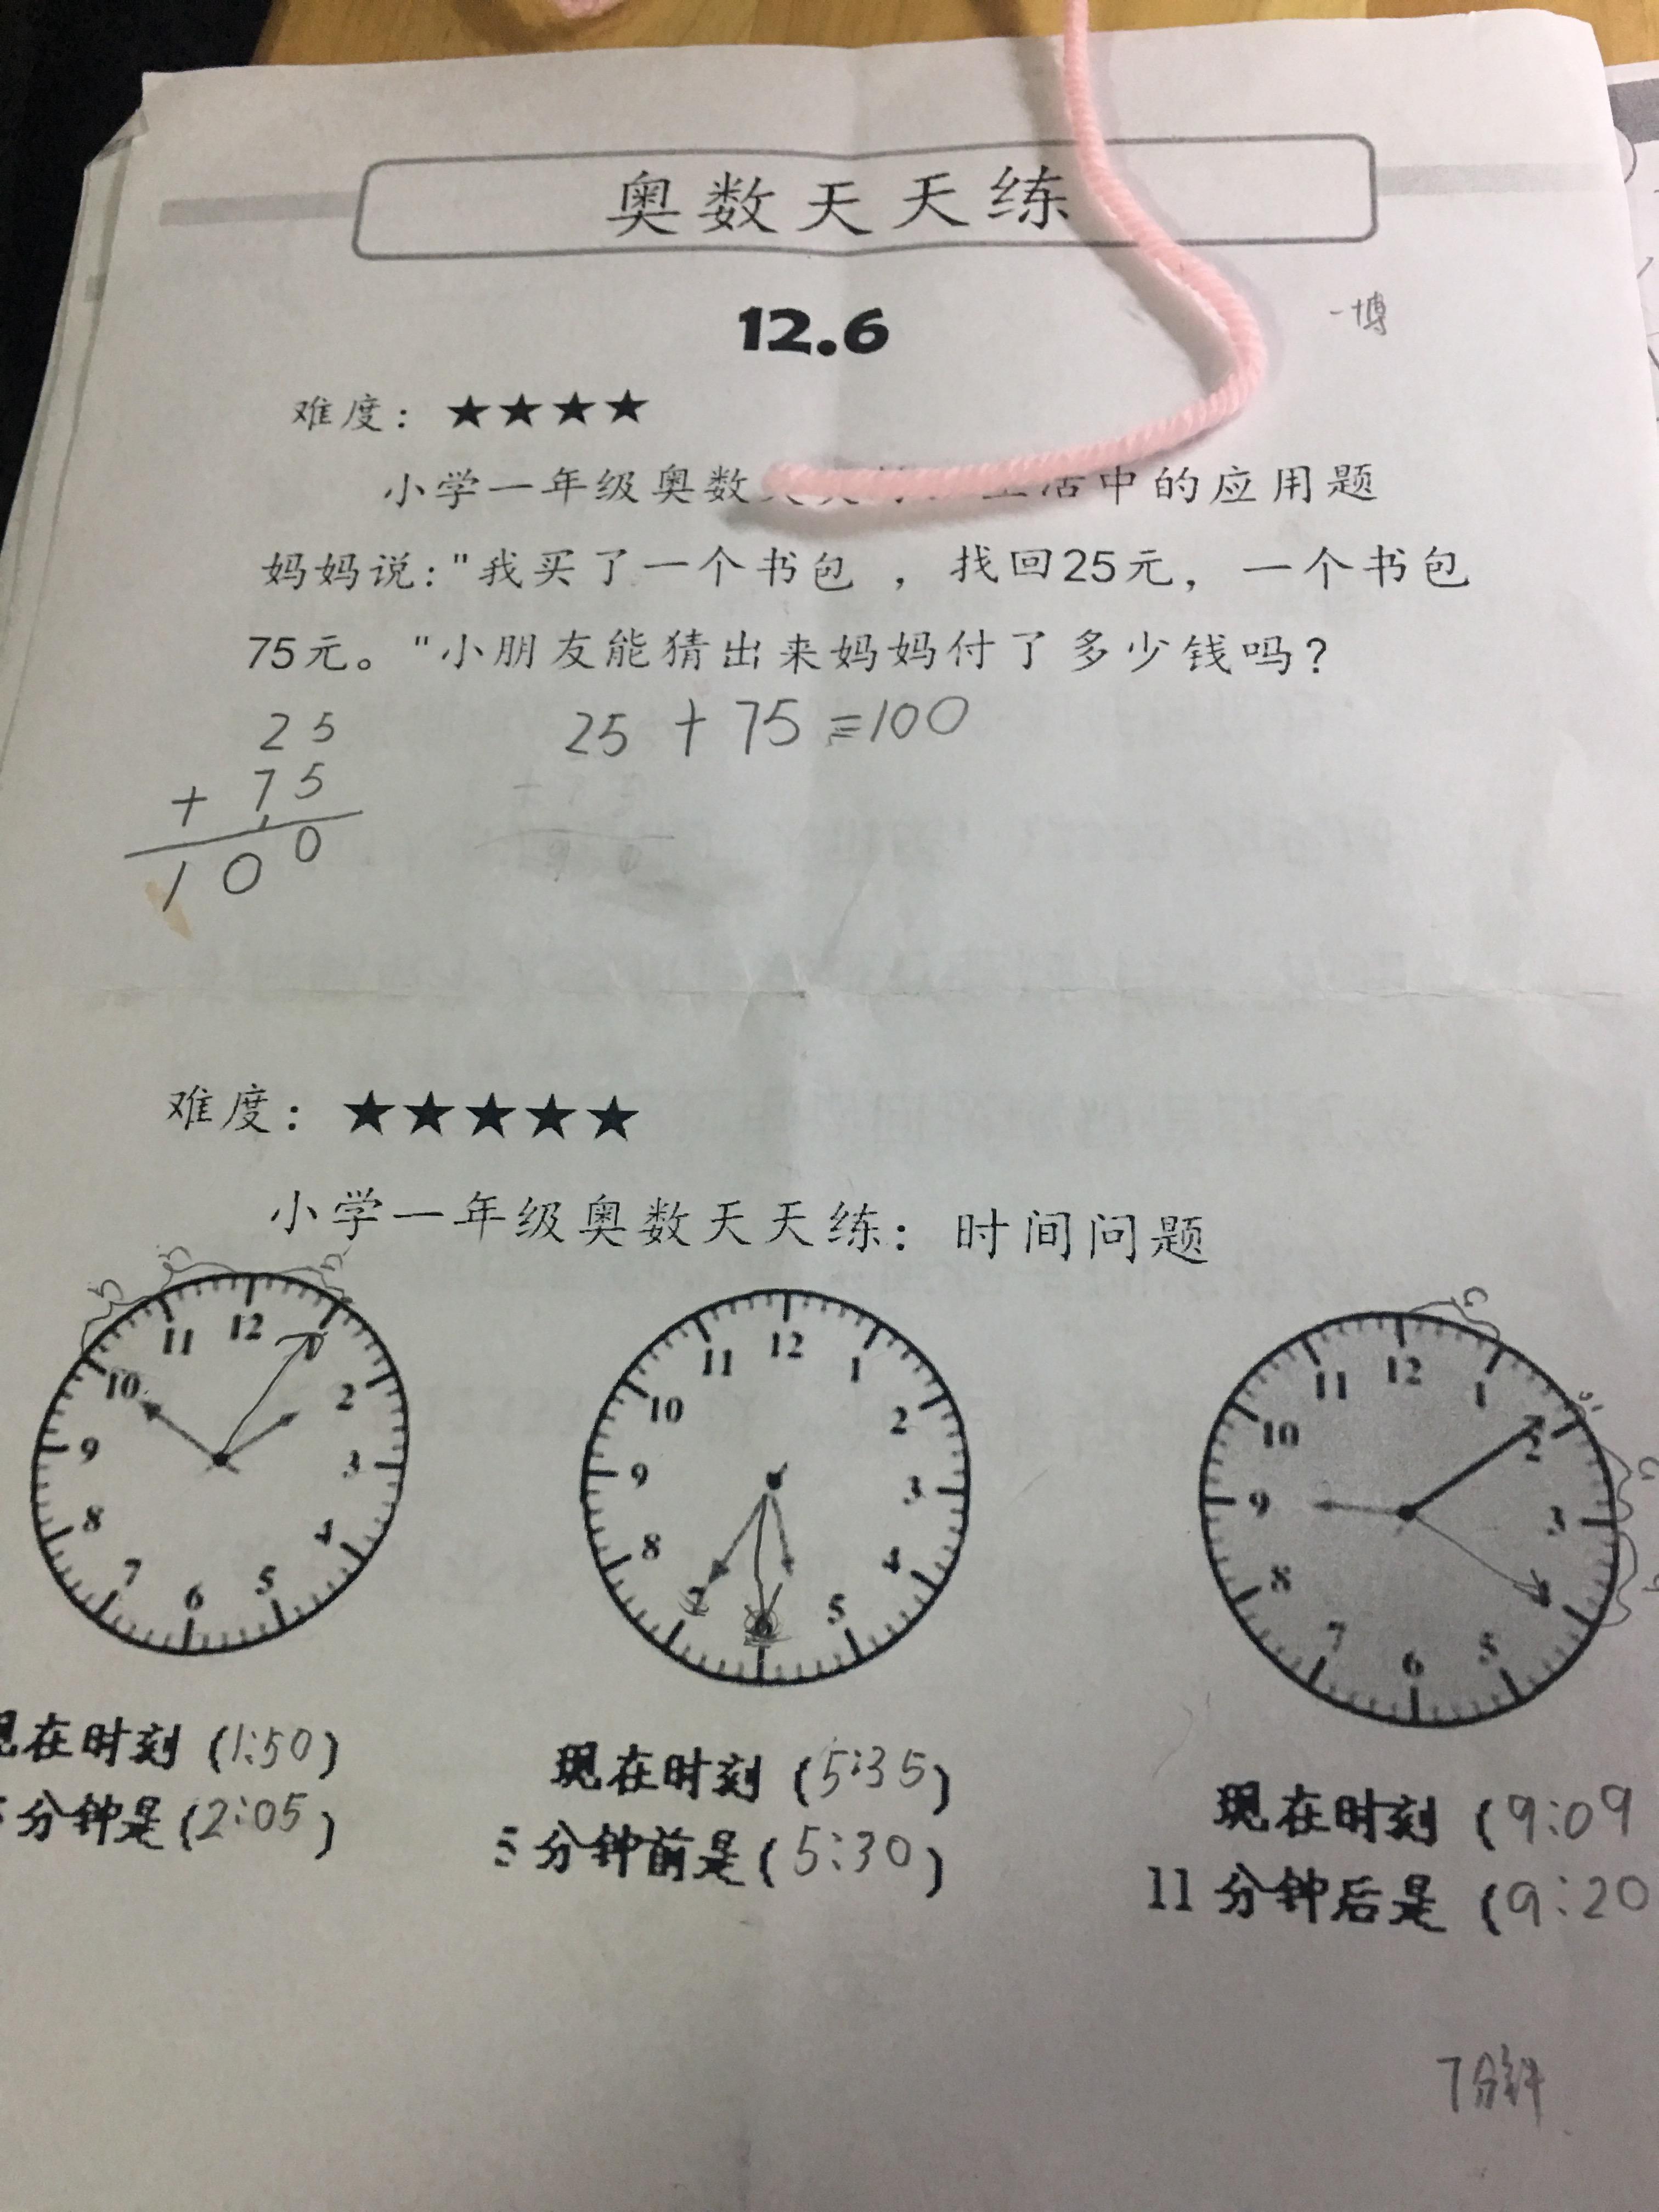 8C5D5FCA-17E0-4F0A-9F98-4EB9BBF09998.jpg